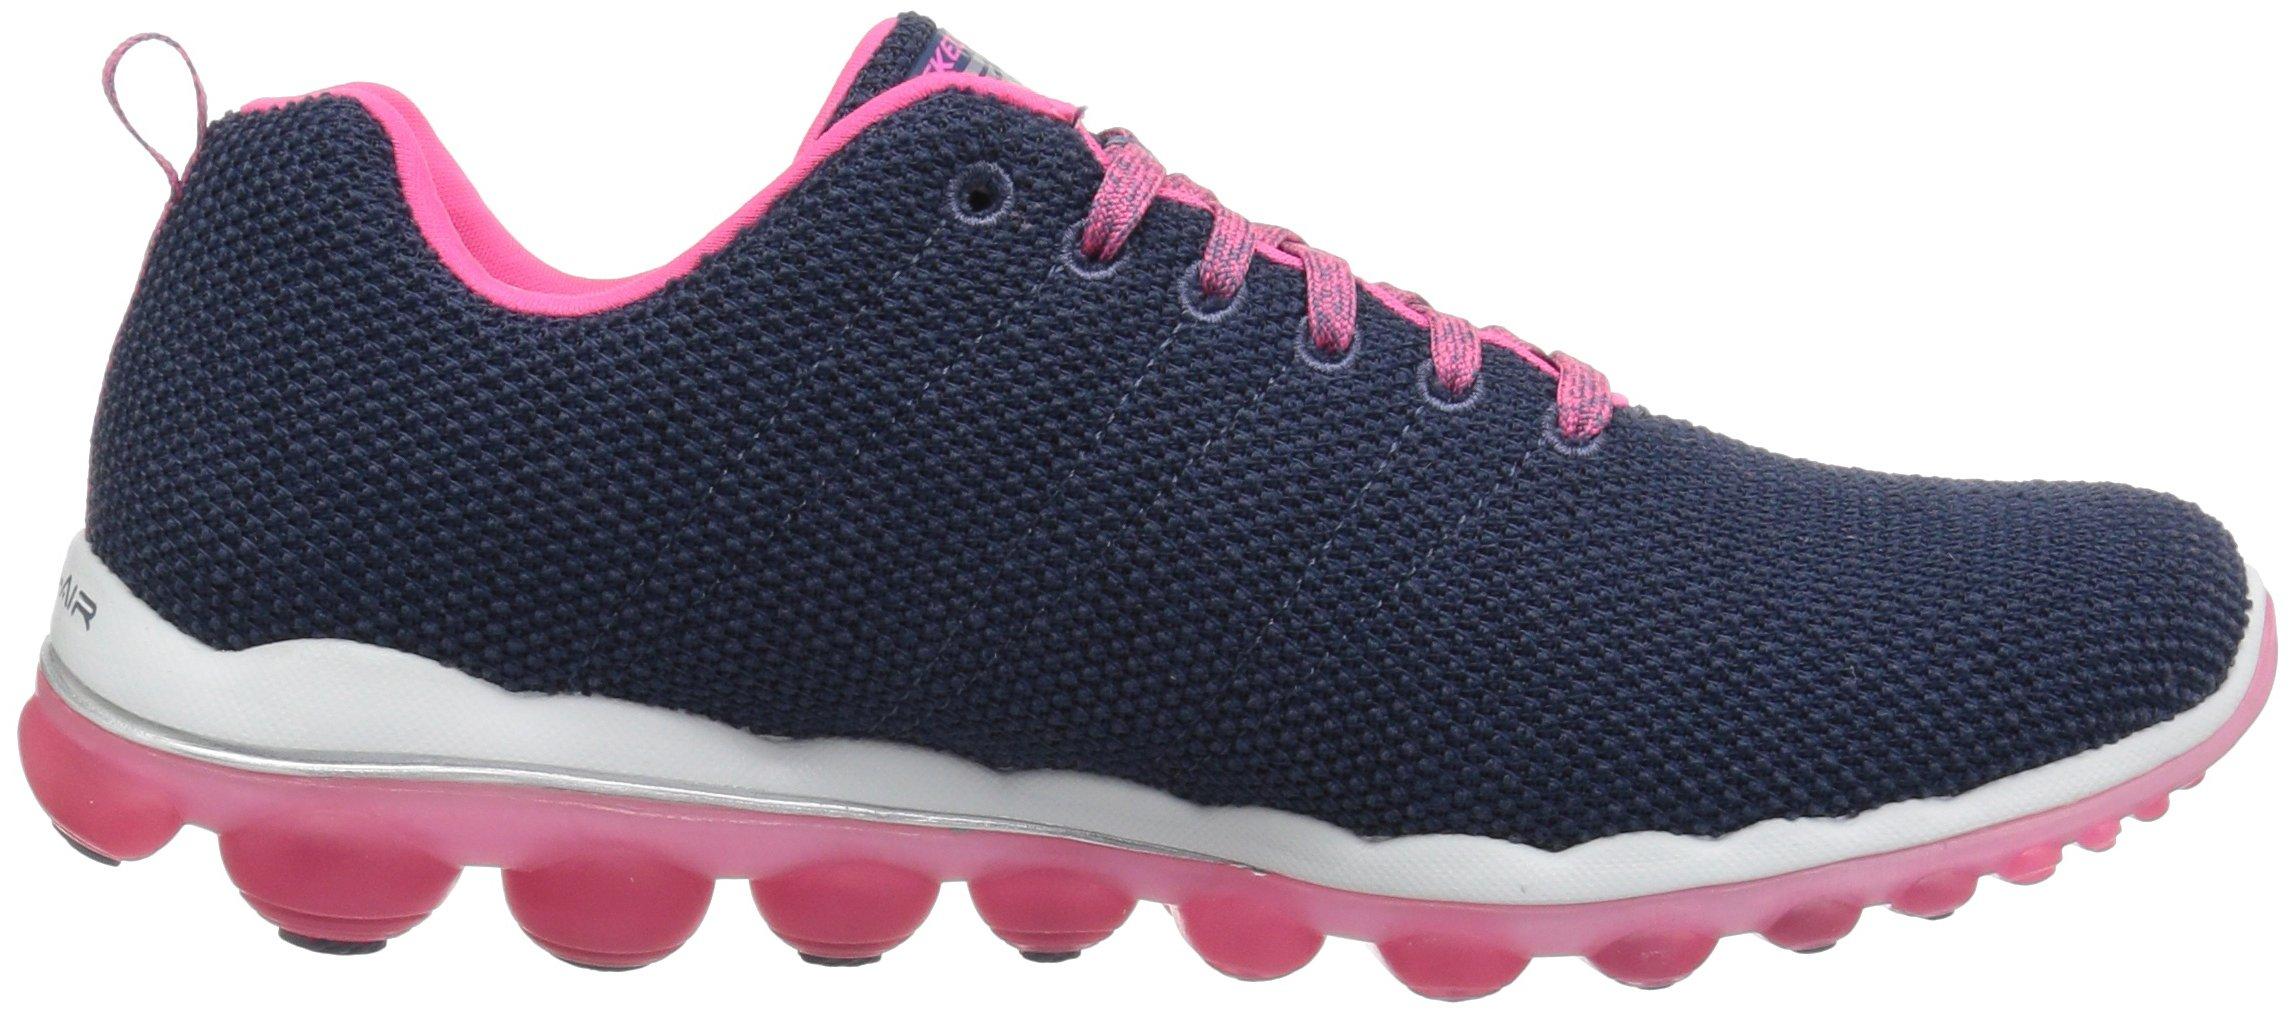 cbf39fef8ab4 Skechers Sport Women s Skech Air 2.0 Next Chapter Sneaker